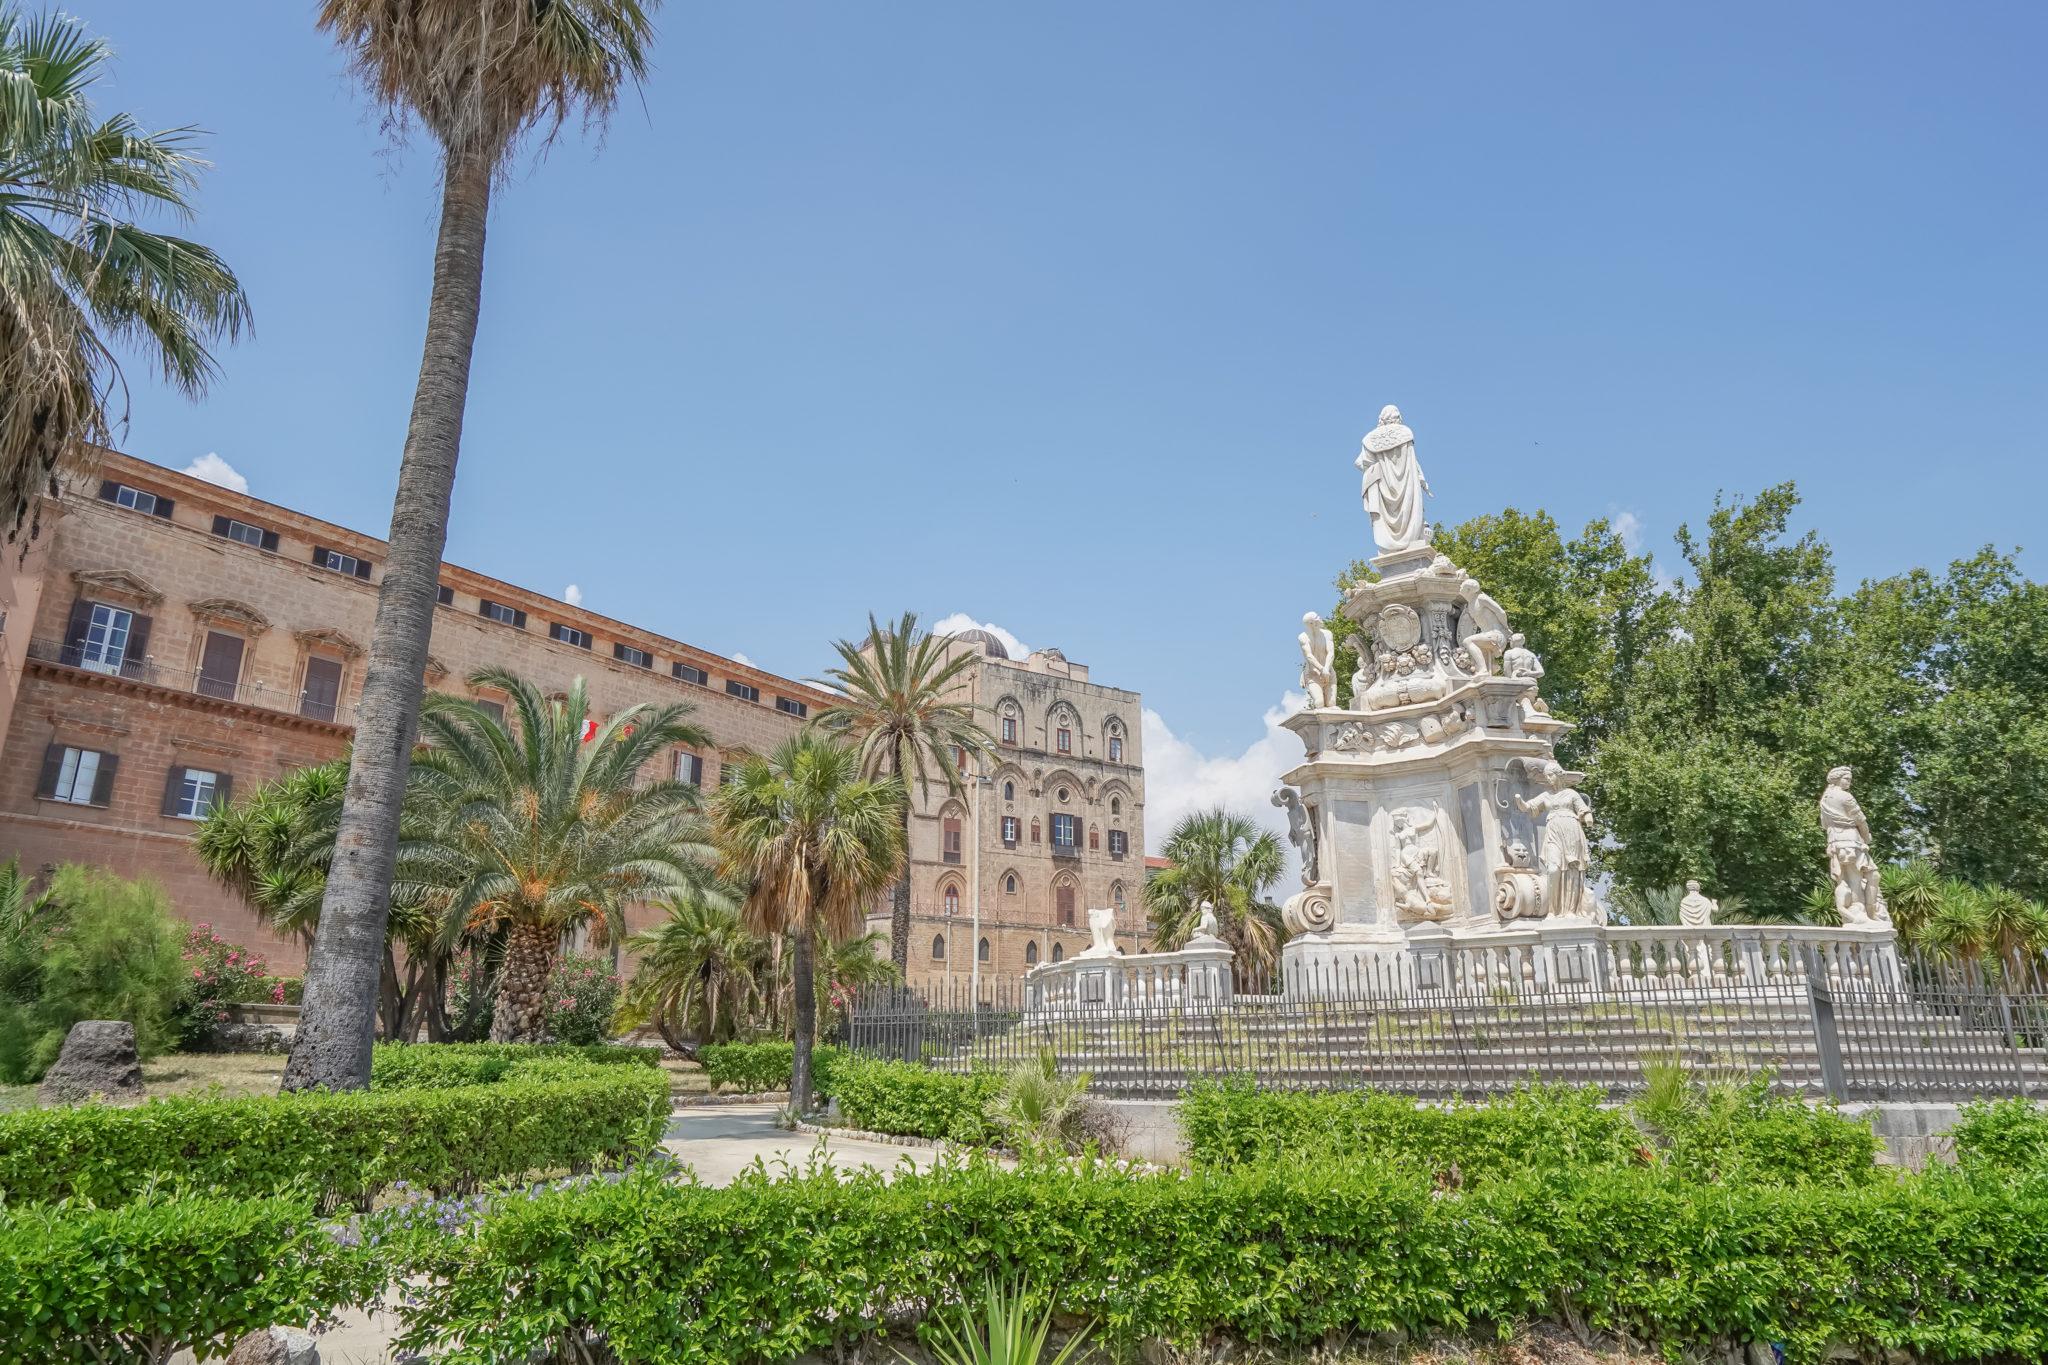 palazzio-dei-normanni-palais-normands-sicile-palerme-italie